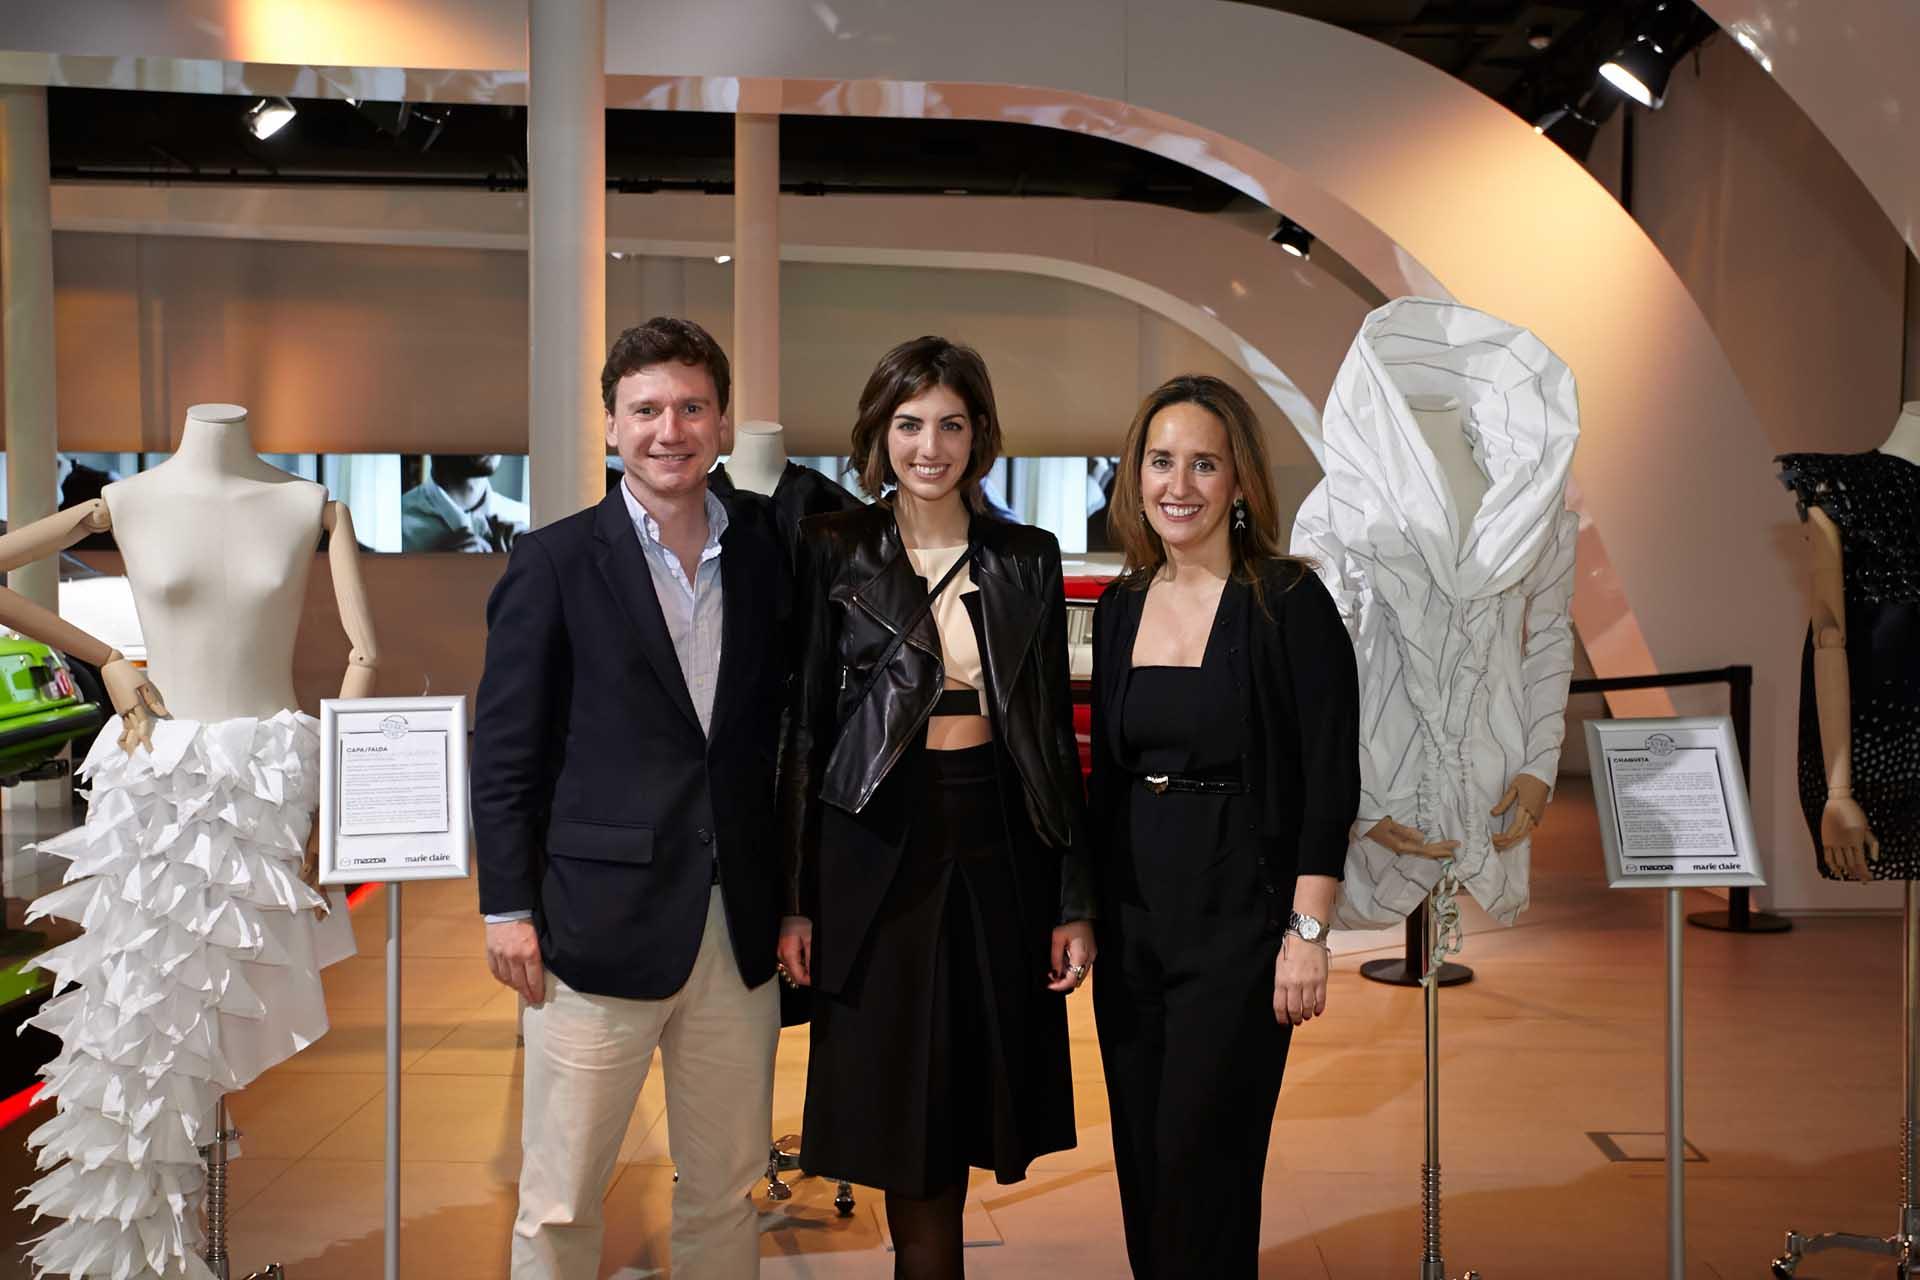 Cristina Torrent, ganadora del concurso Marie Claire Beca Rebels by Mazda junto a María Pardo de Santayana, directora de Marie Claire y Benno Gaessler, director general comercial de Mazda España